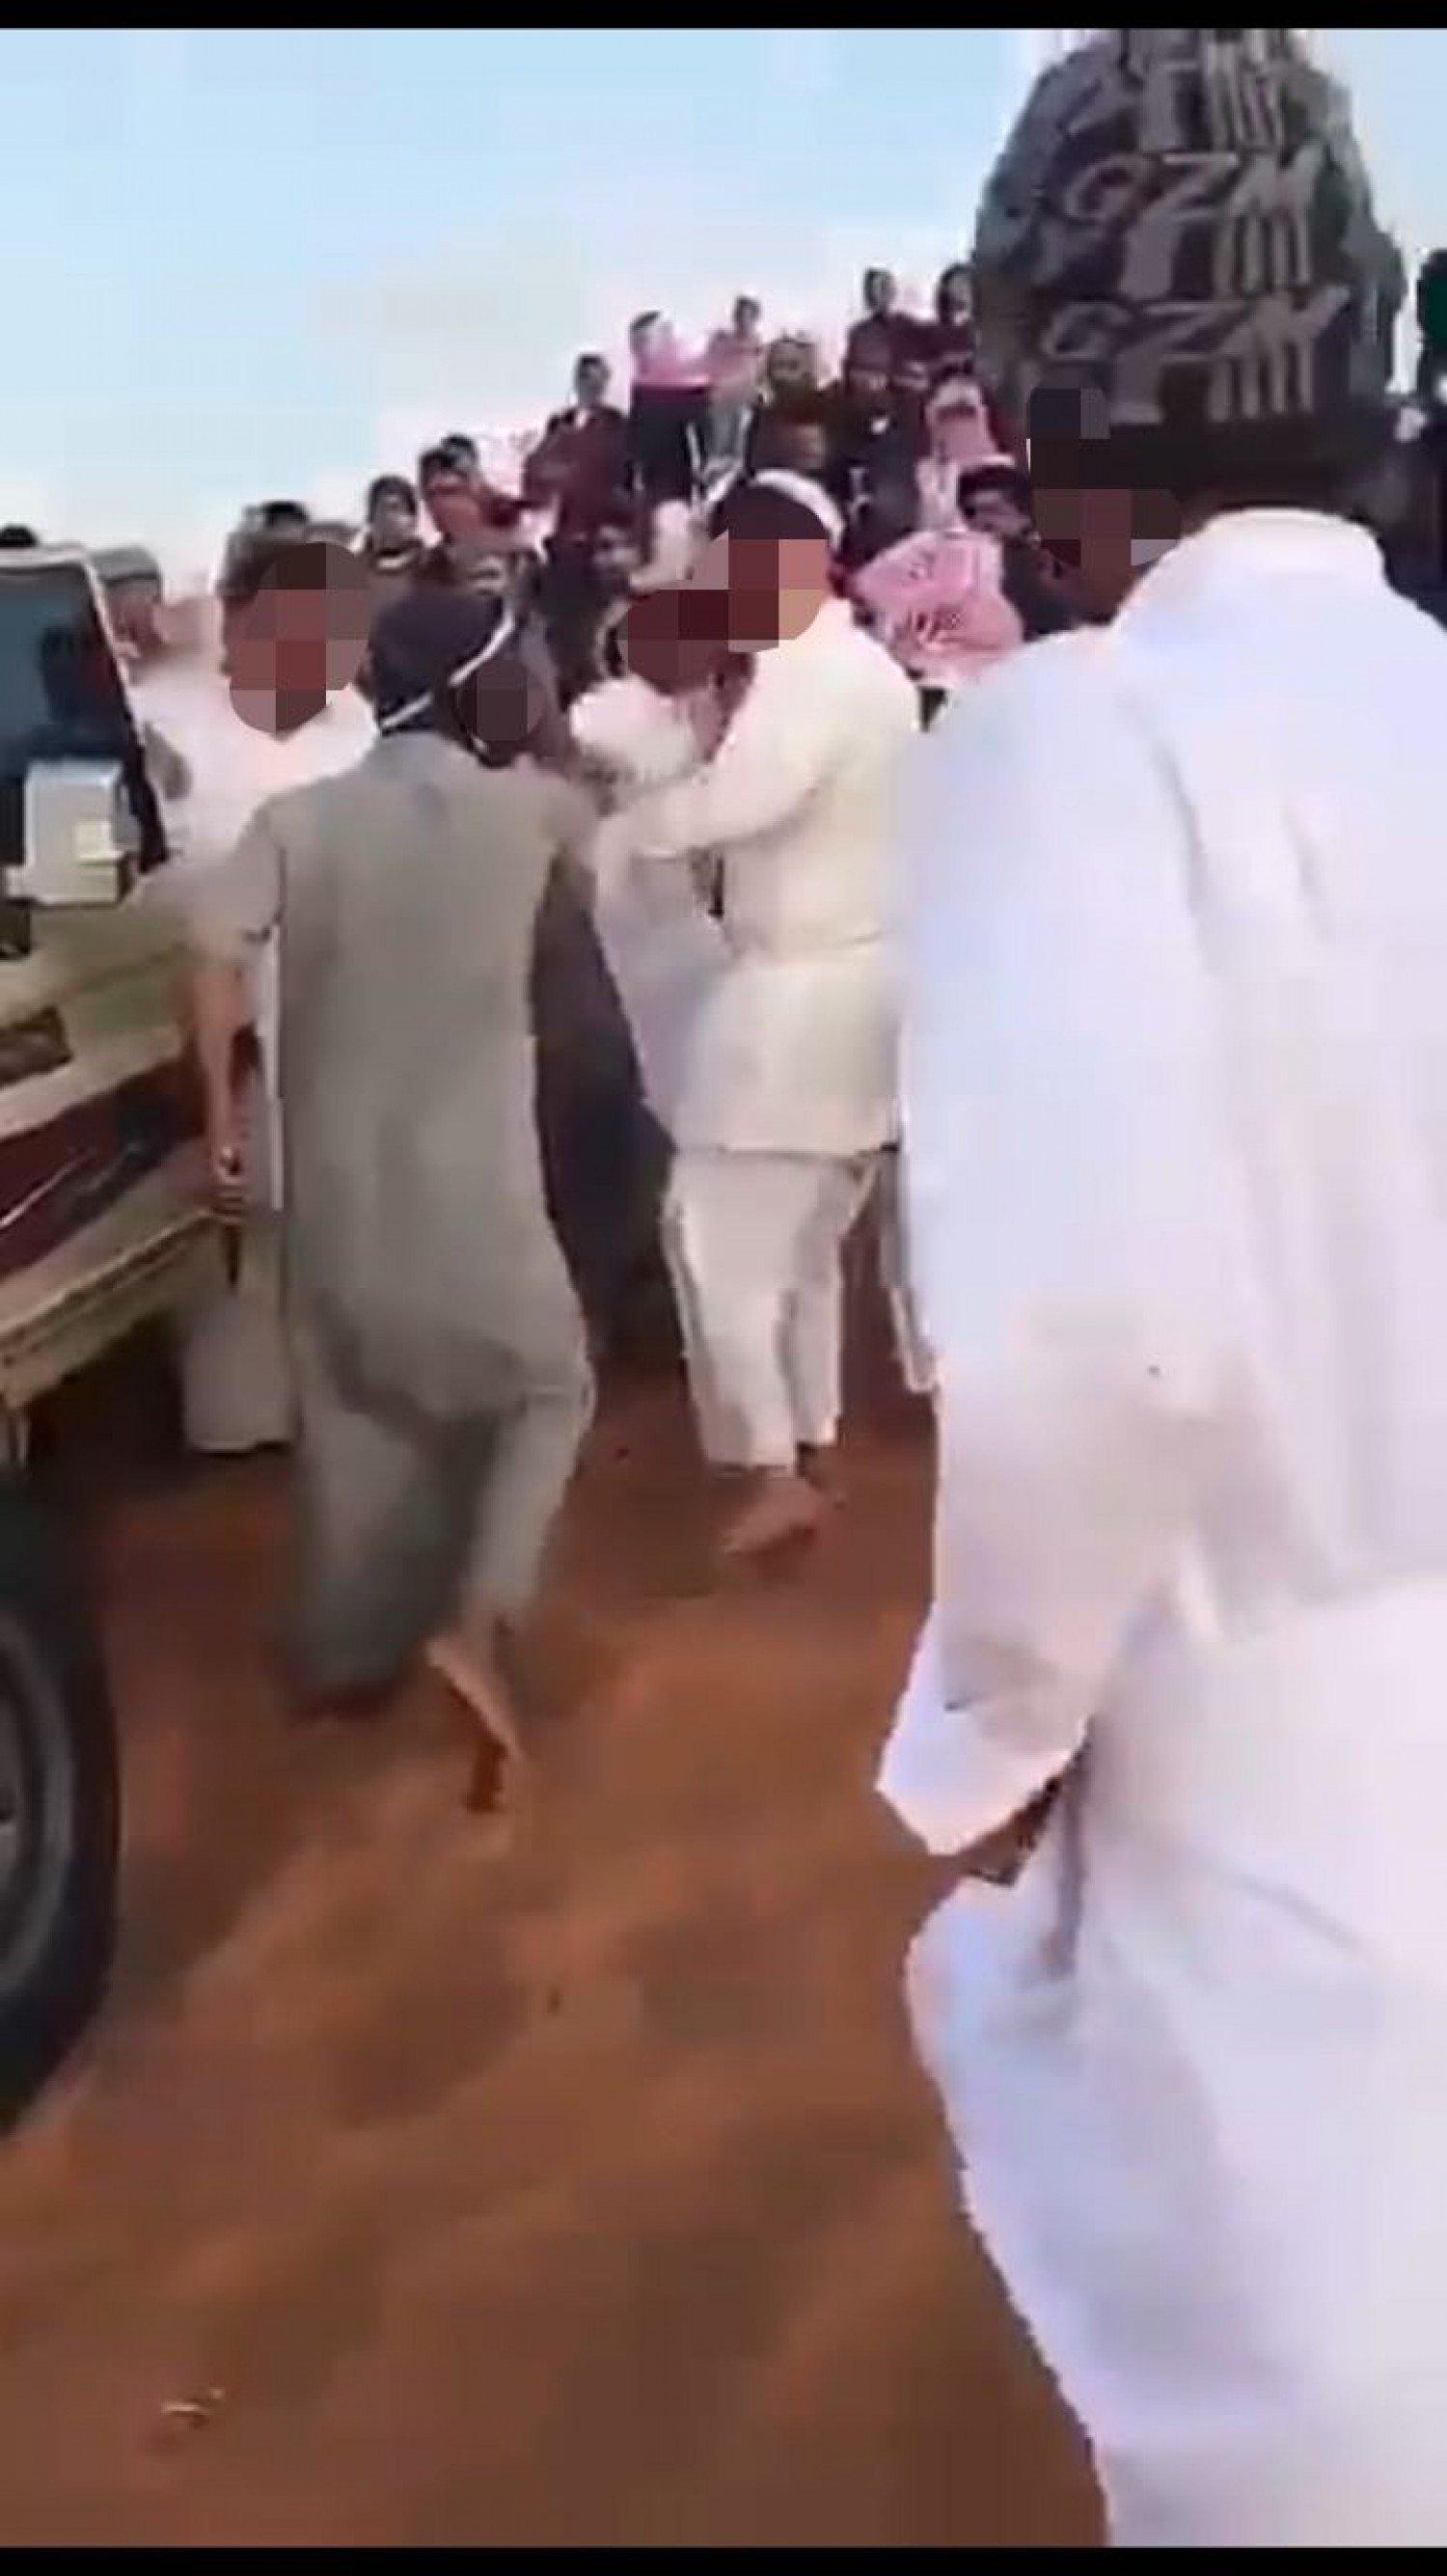 «شرطة الرياض» توضح ملابسات مقطع مشاجرة الأسلحة البيضاء